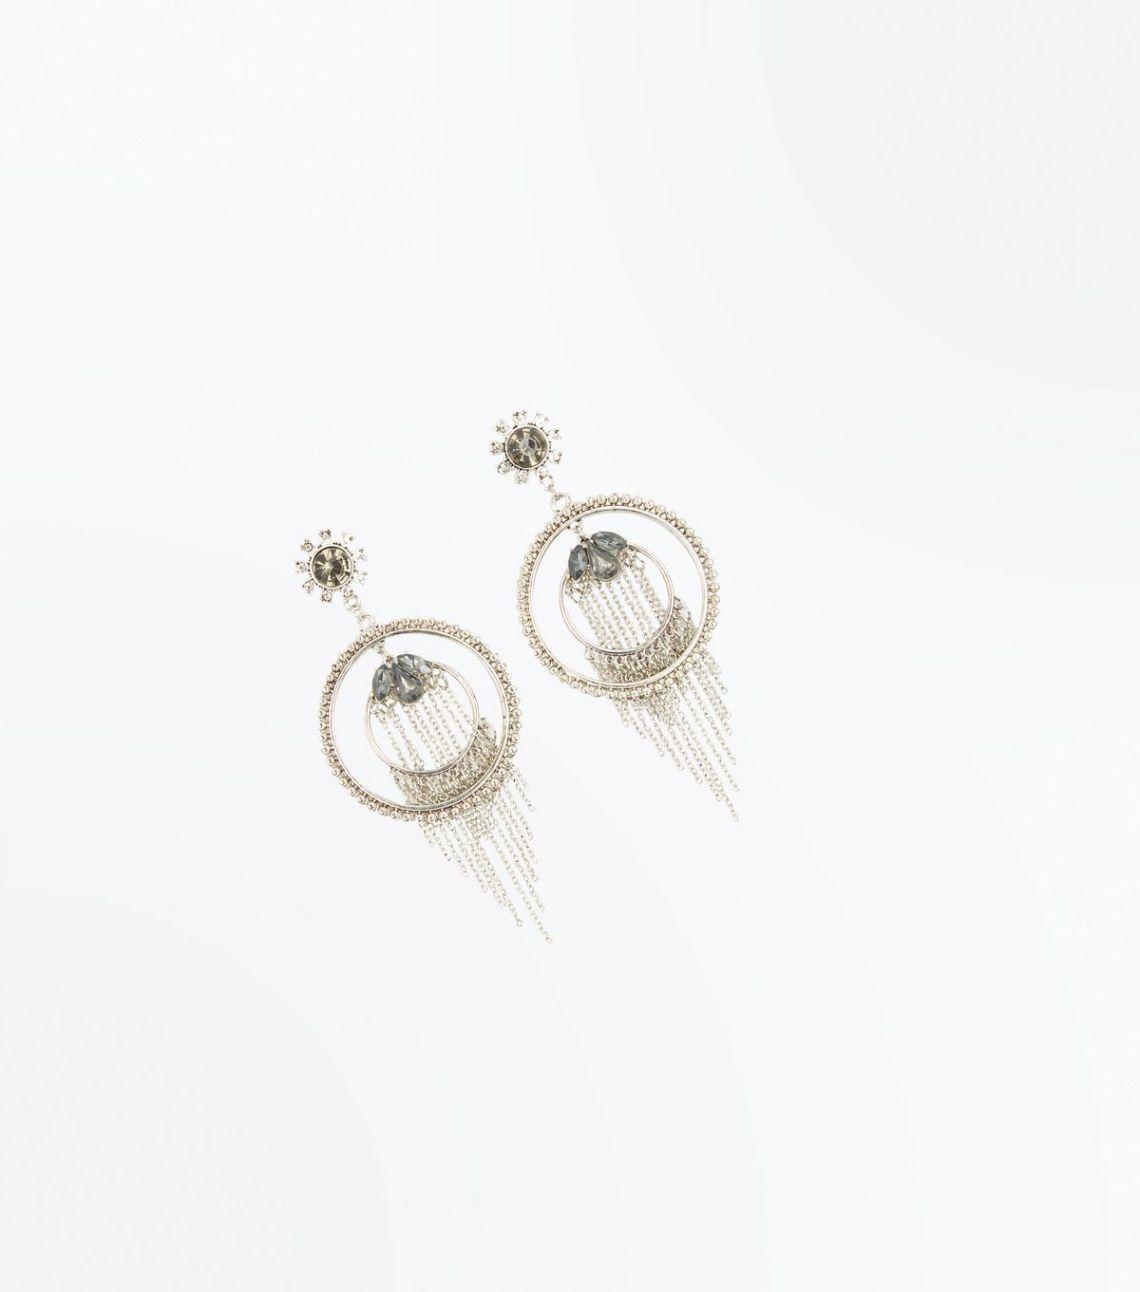 silver-tassel-hoop-chandelier-earrings-